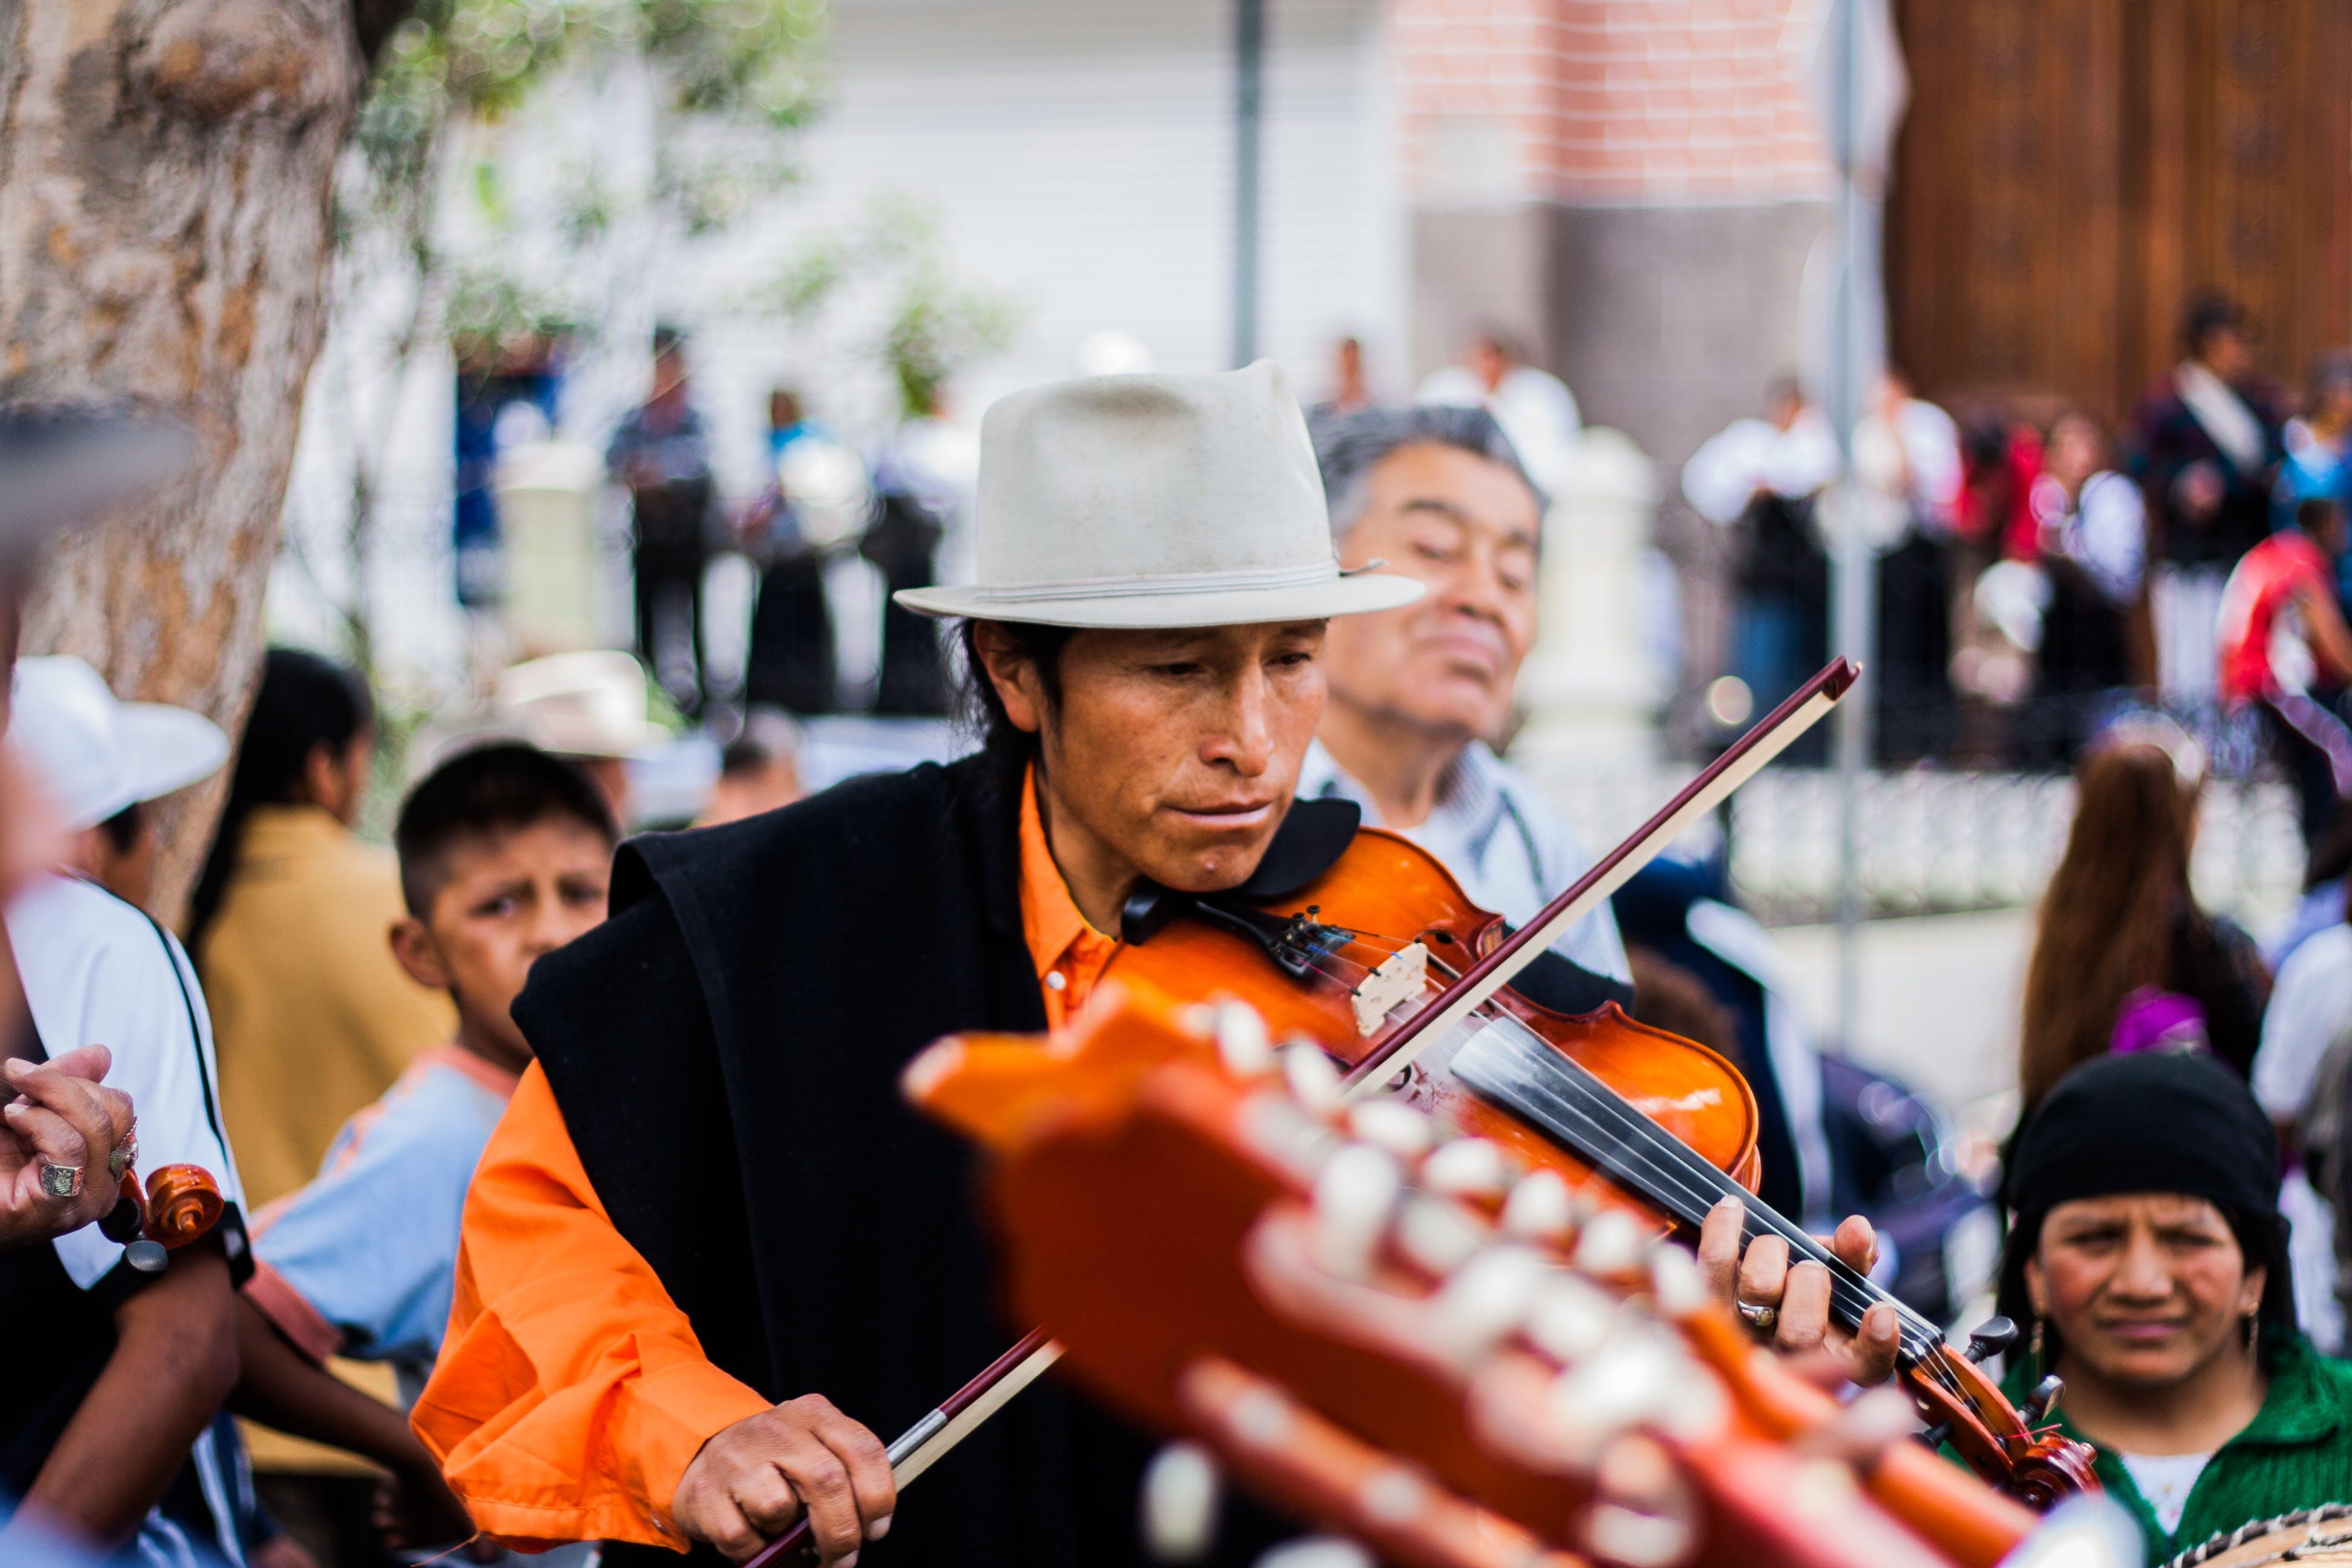 バイオリニスト, バイオリン, ミュージシャン, 大道芸人の無料の写真素材